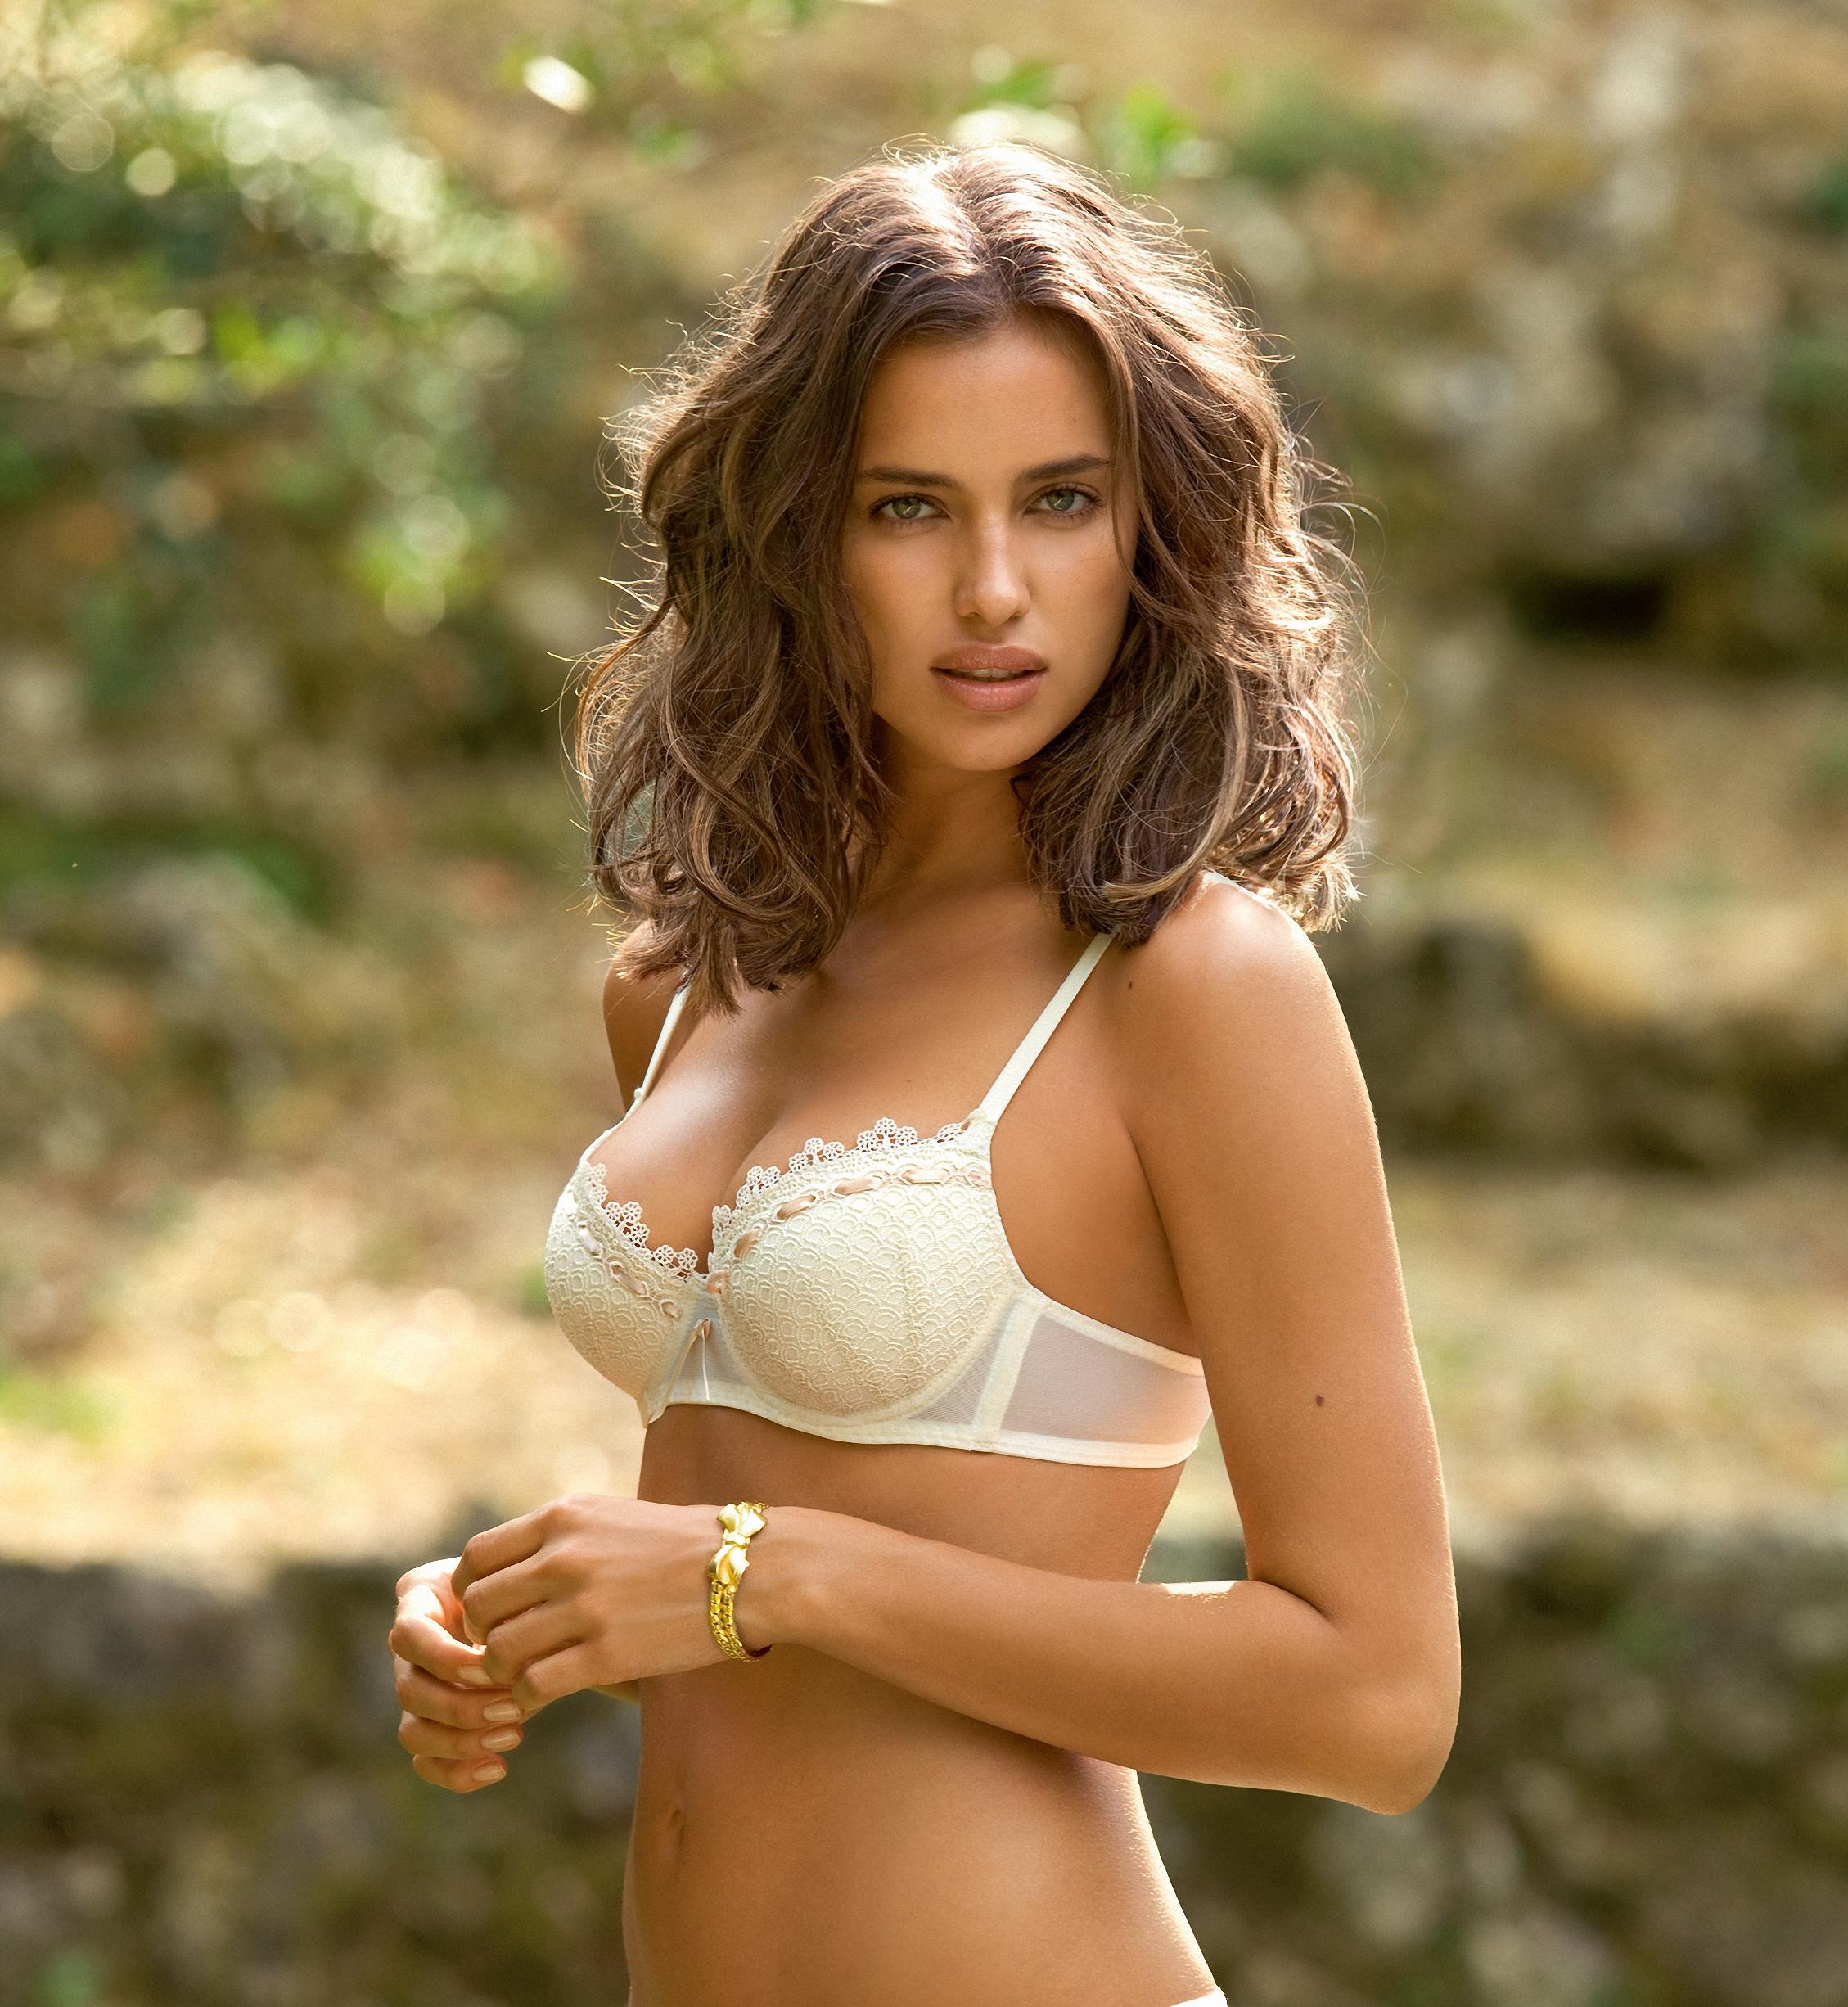 Самые красивые русские девушки в фотографиях 10 фотография